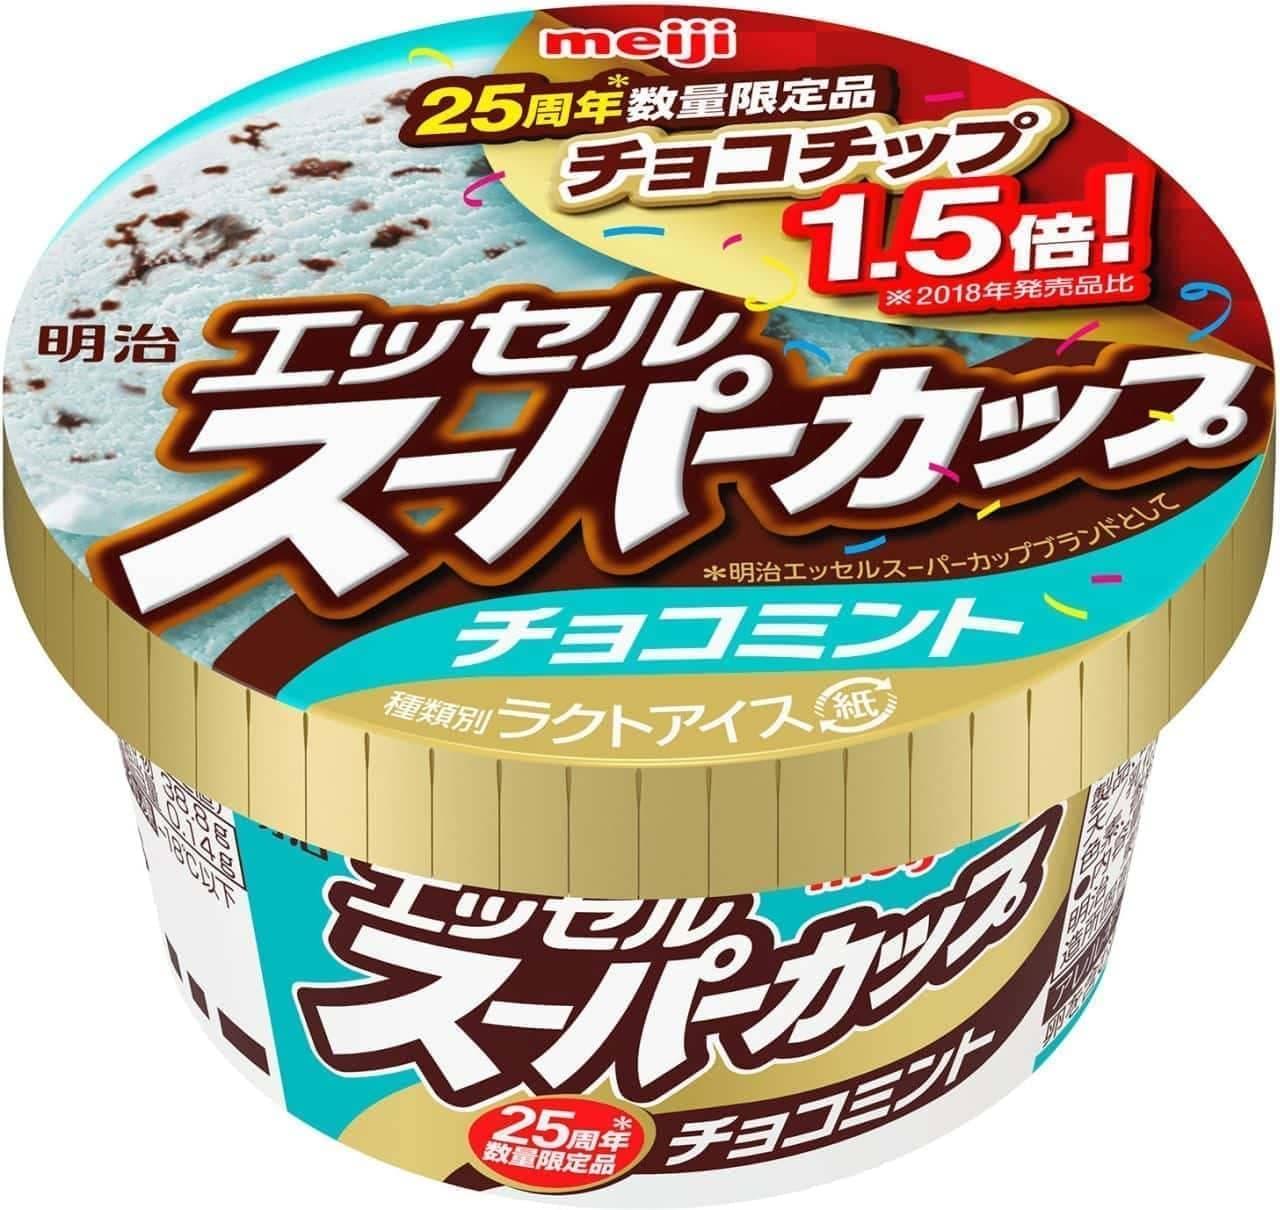 チョコチップ1.5倍の「明治エッセルスーパーカップ チョコミント」